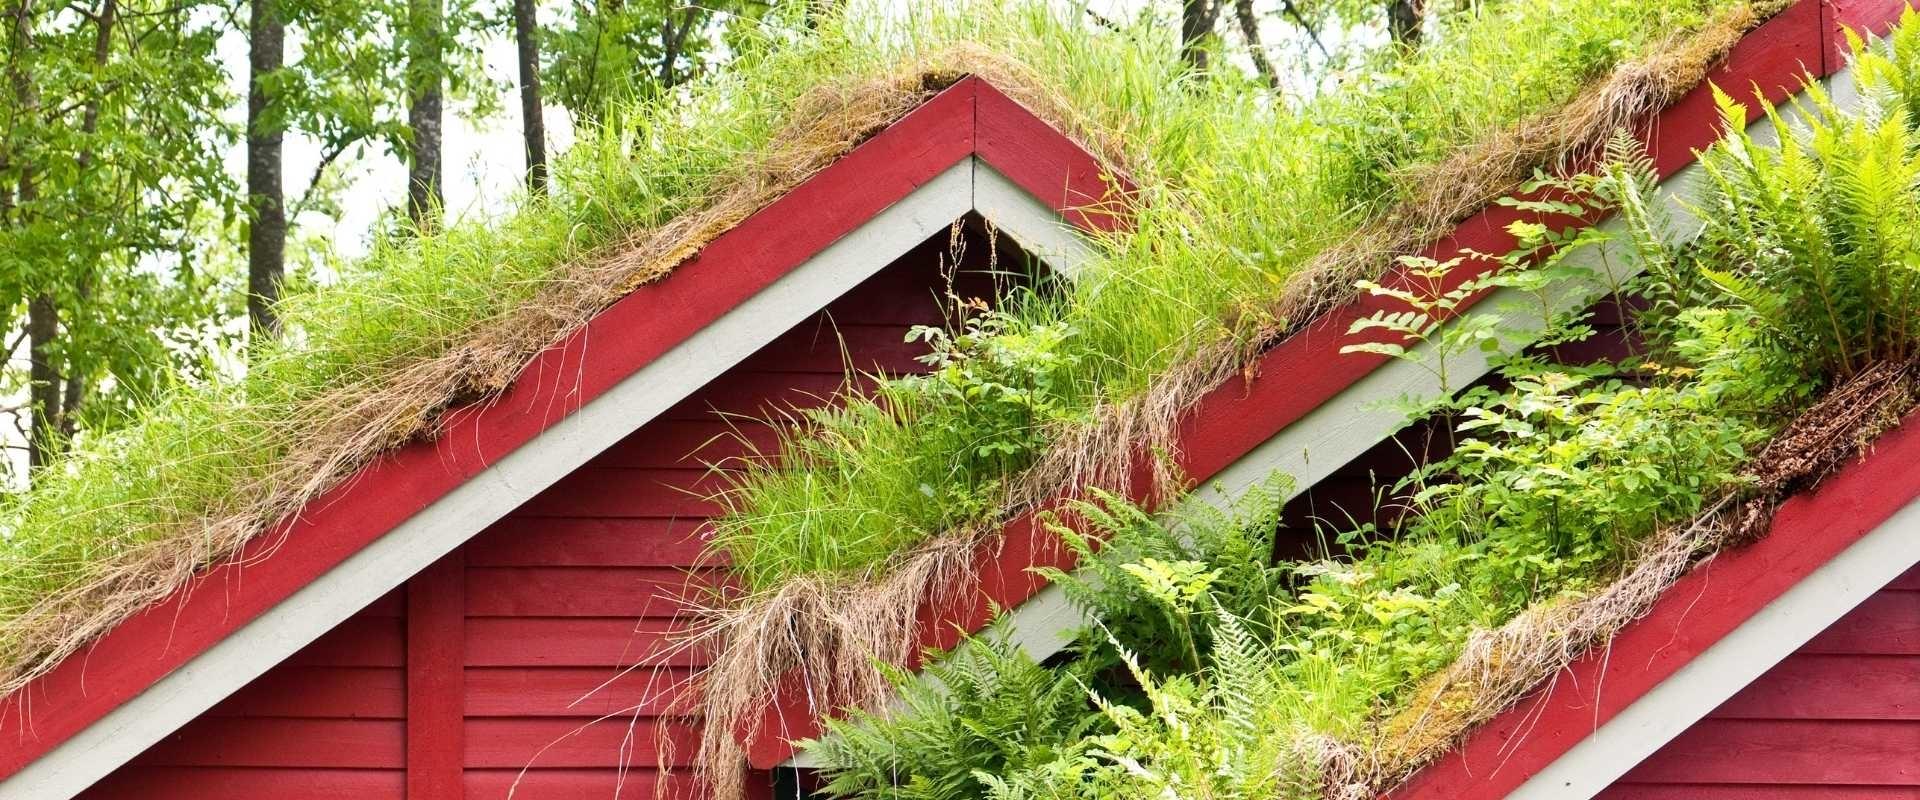 Het gras op het dak is altijd groener